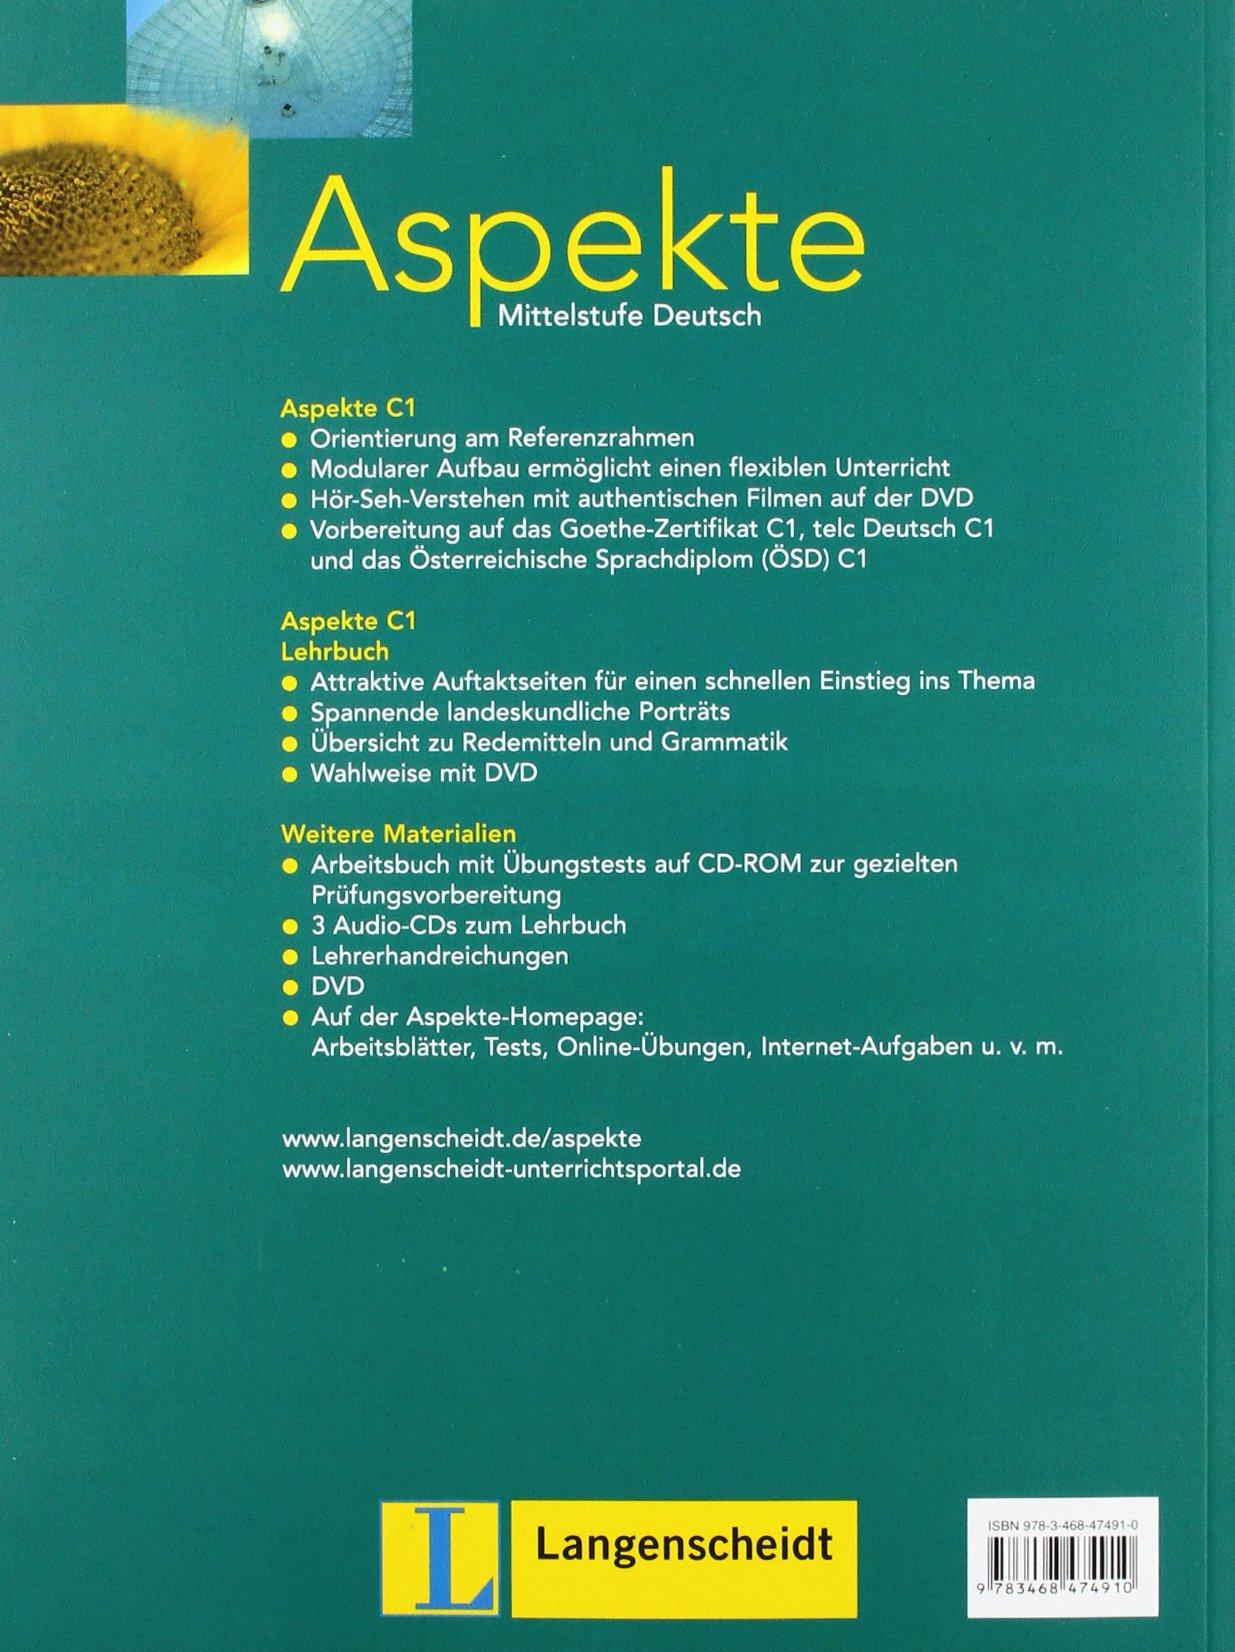 Free Download Program Aspekte Mittelstufe Deutsch B2 Pdf Converter